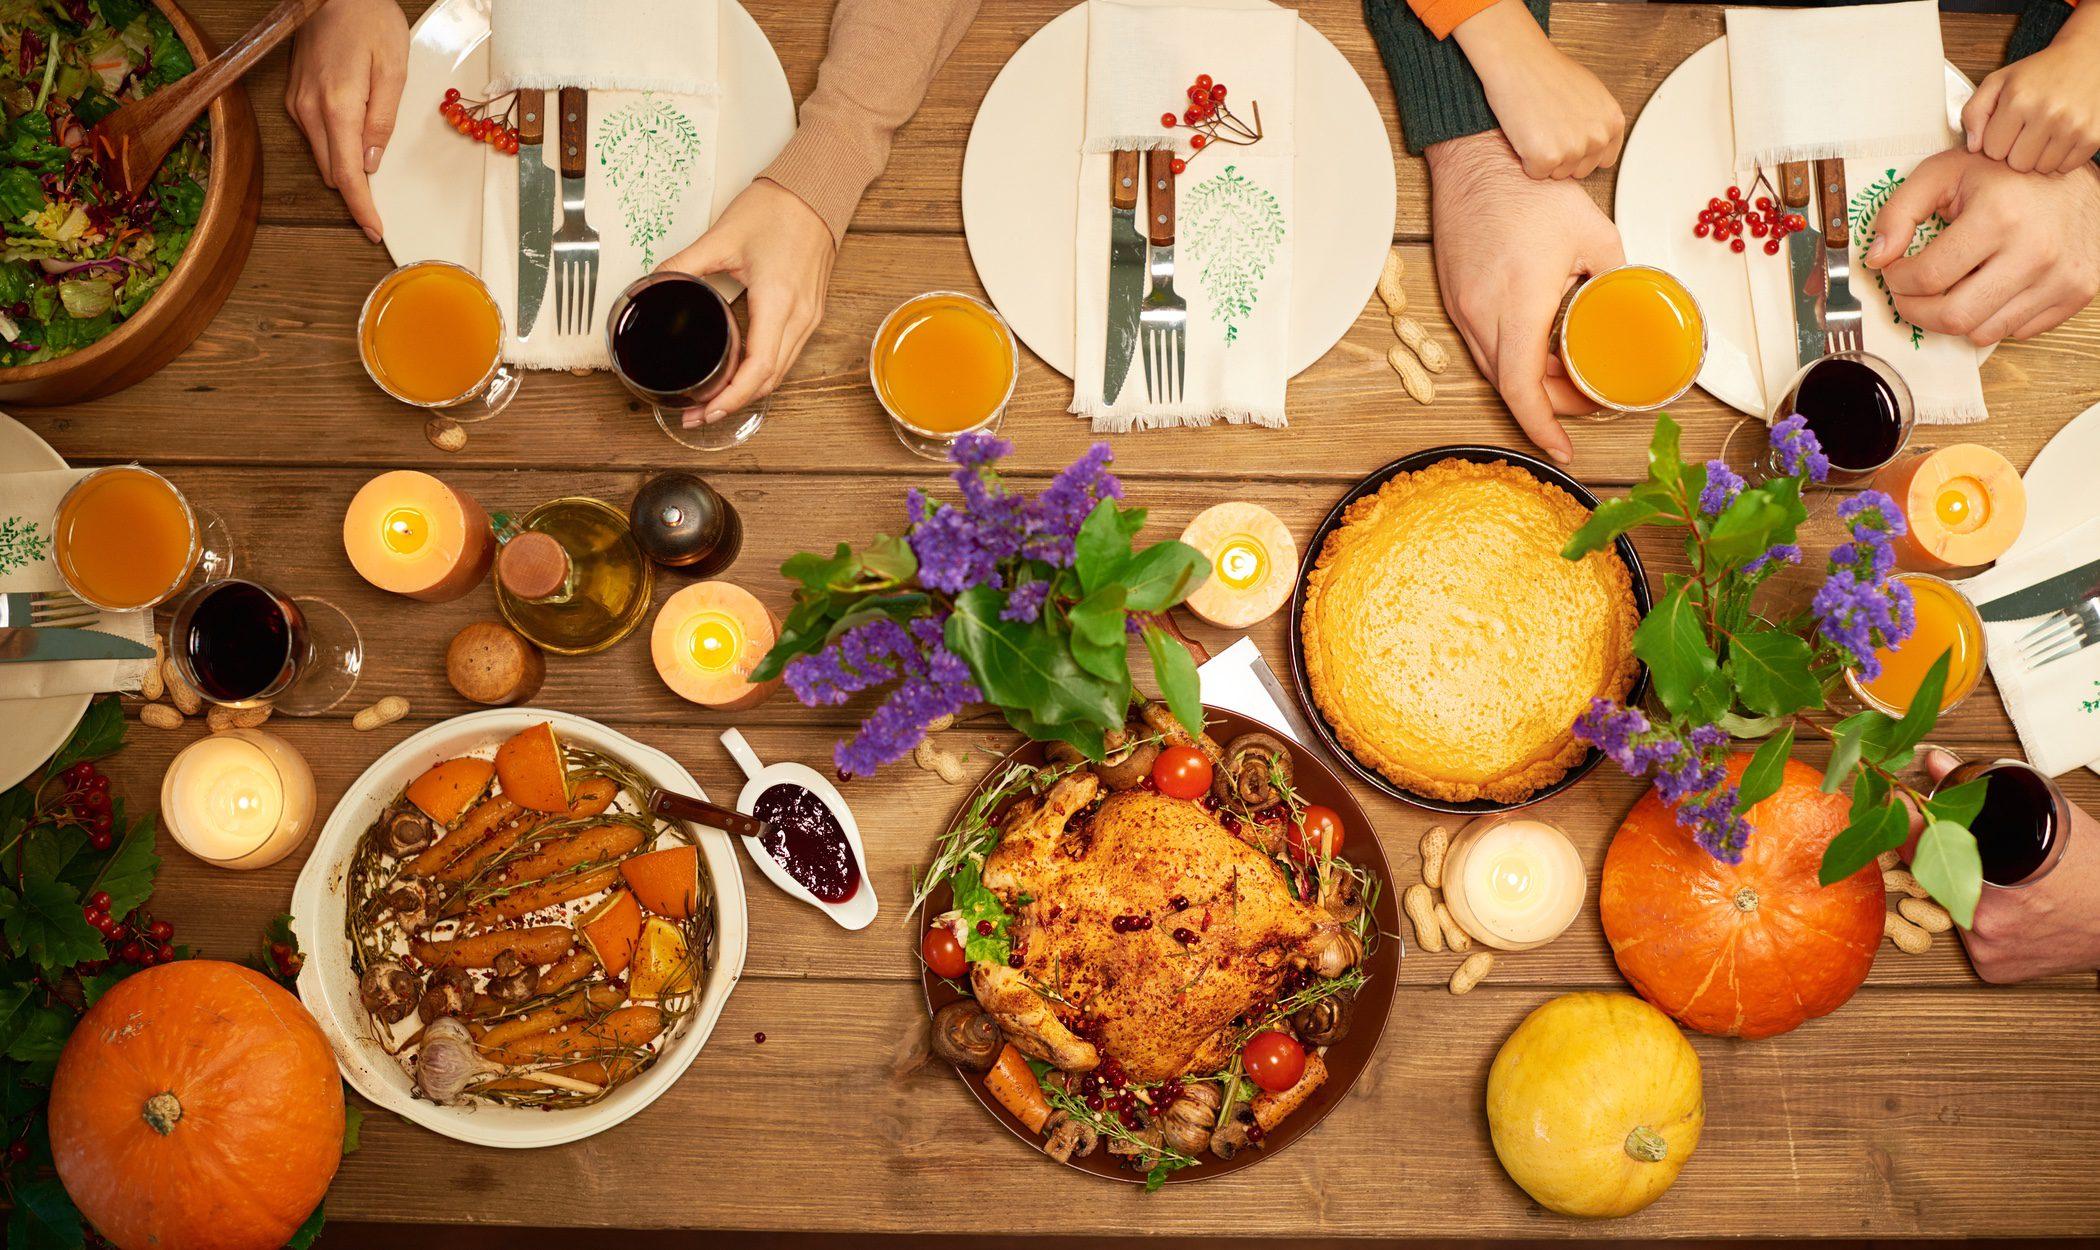 Recetas para tu menú del día de Acción de Gracias